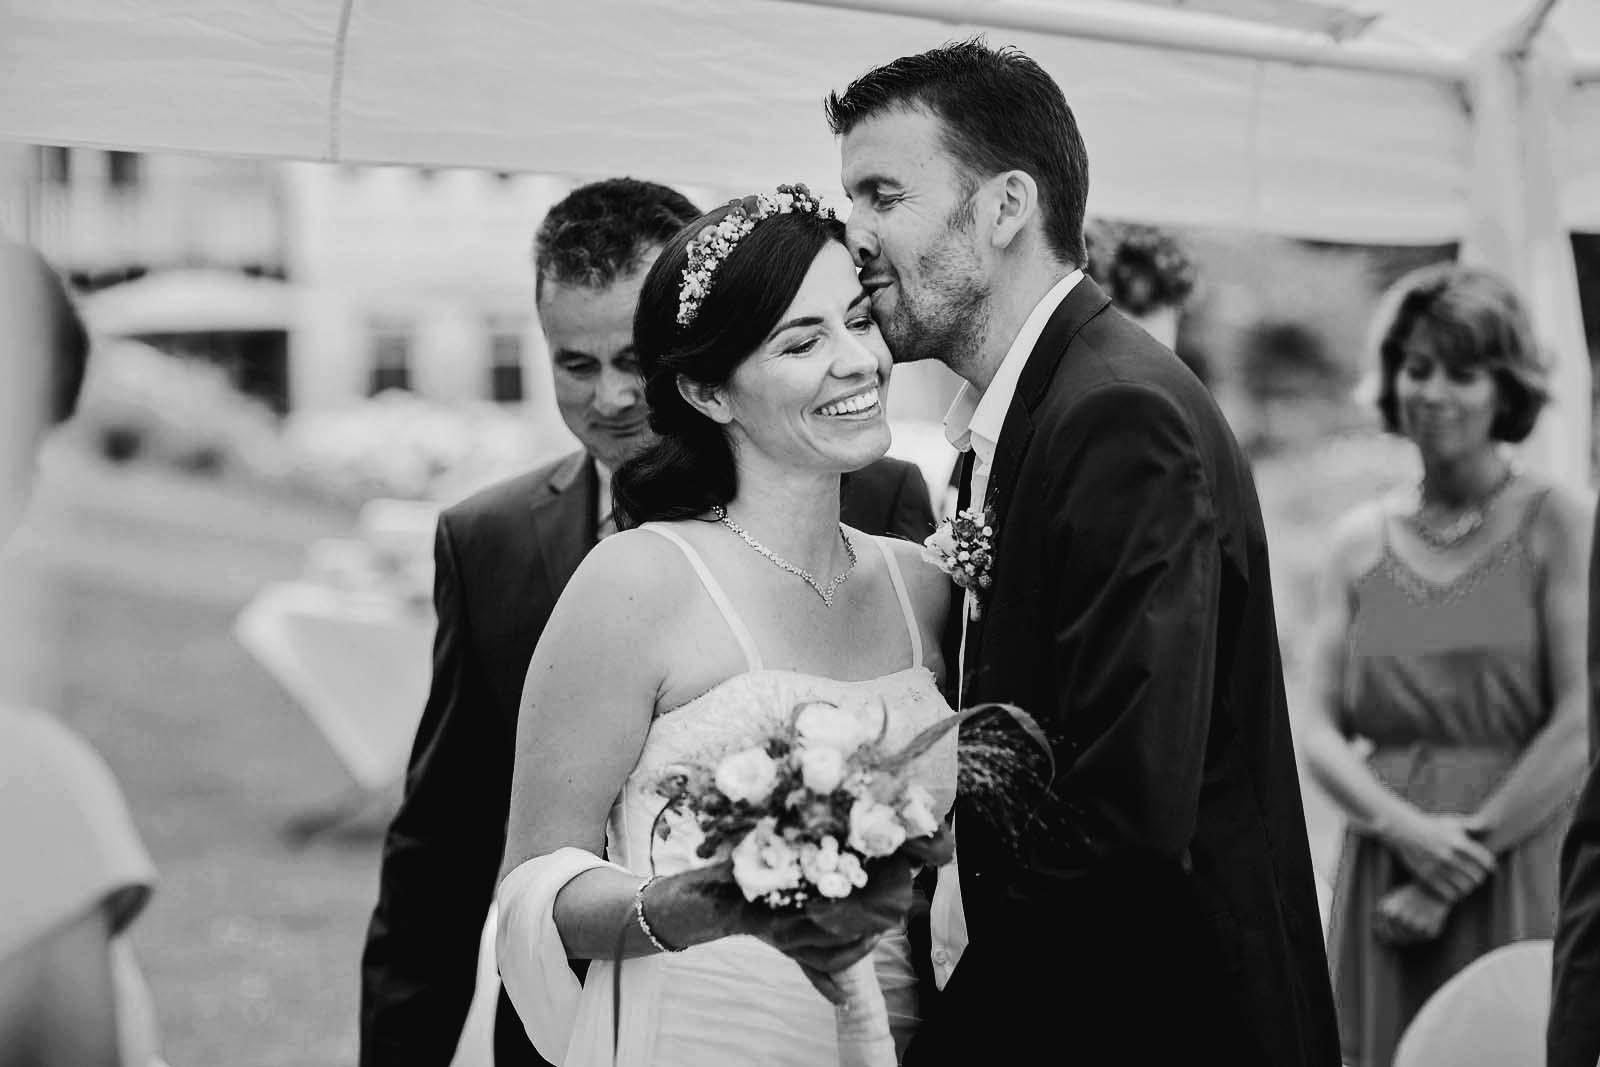 Braeutigam kuesst Braut zur Begruessung Hochzeitsreportage im Landhaus Himmelpfort Copyright by Hochzeitsfotograf www.berliner-hochzeitsfotografie.de